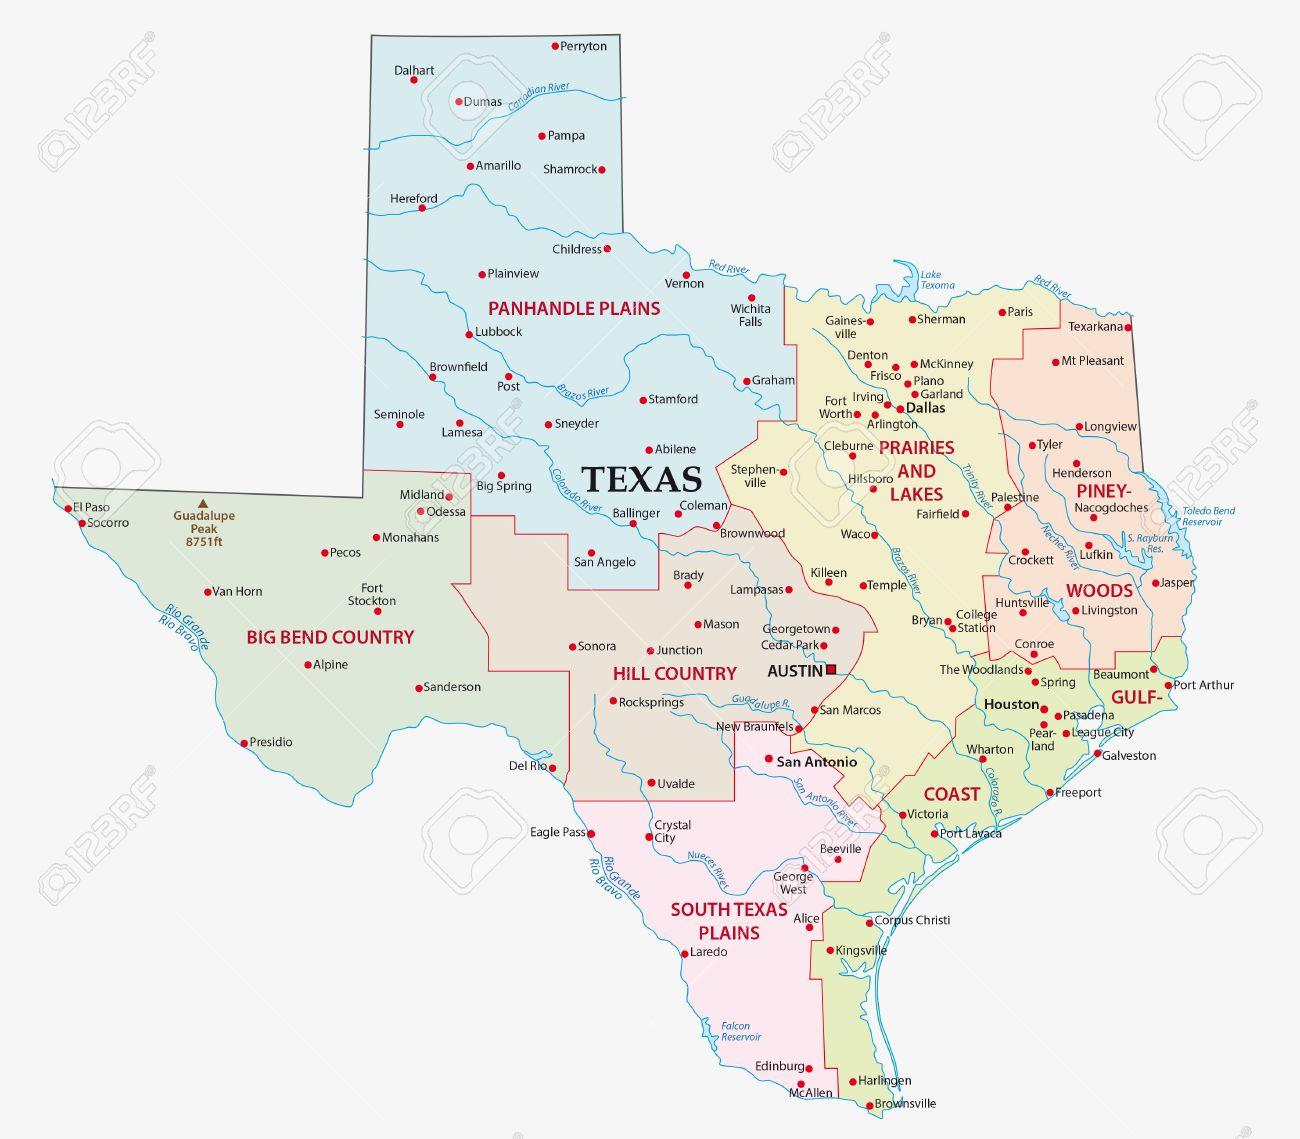 Mapa De Las Siete Regiones Del Estado De Texas Ilustraciones - Mapa de texas